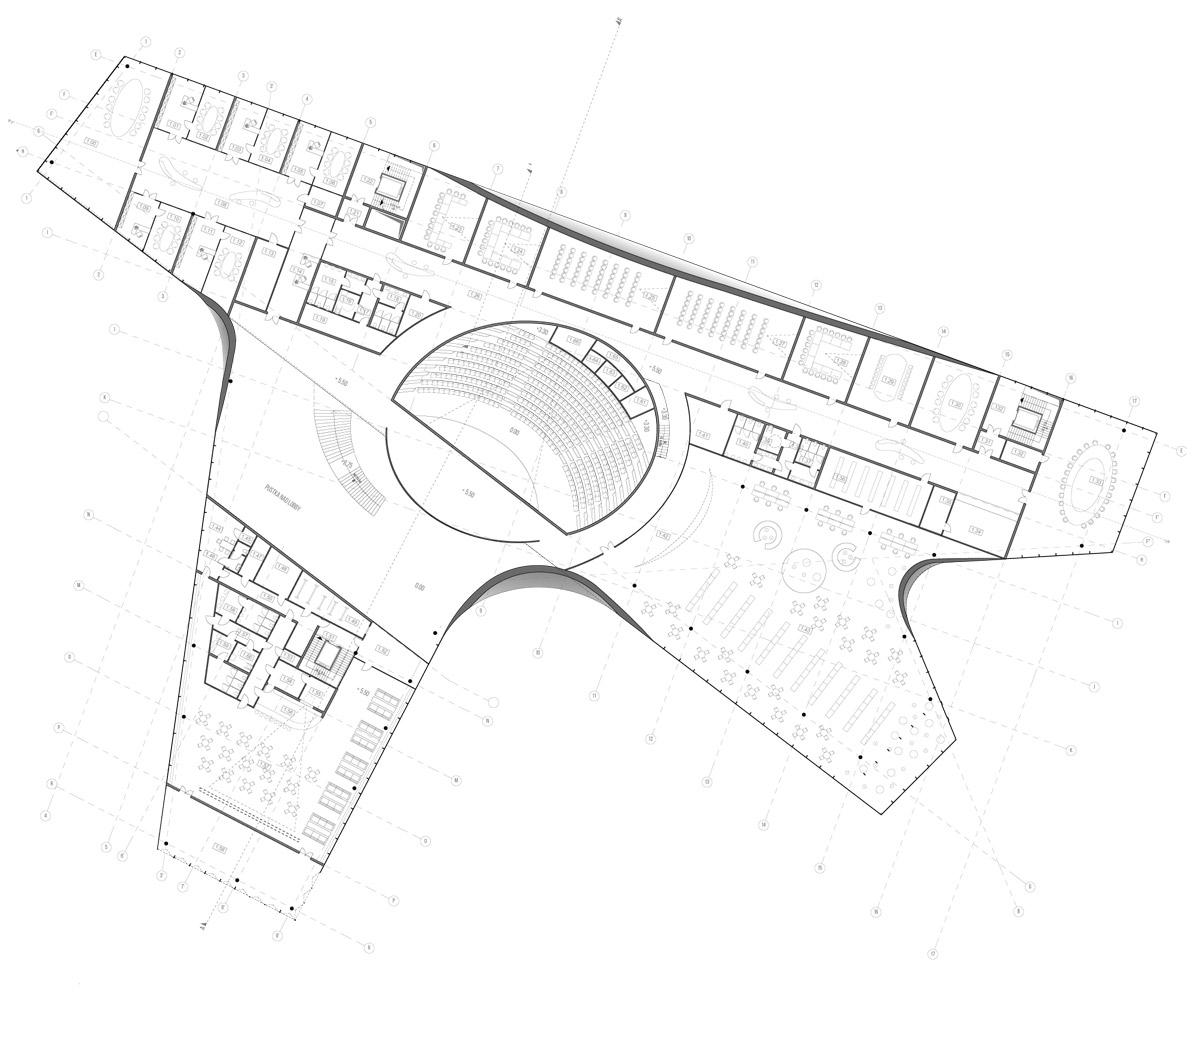 Dyplomy Architektury: Szczecińskie Centrum Kultury Nordyckiej. Projekt: Katarzyna Florysiak